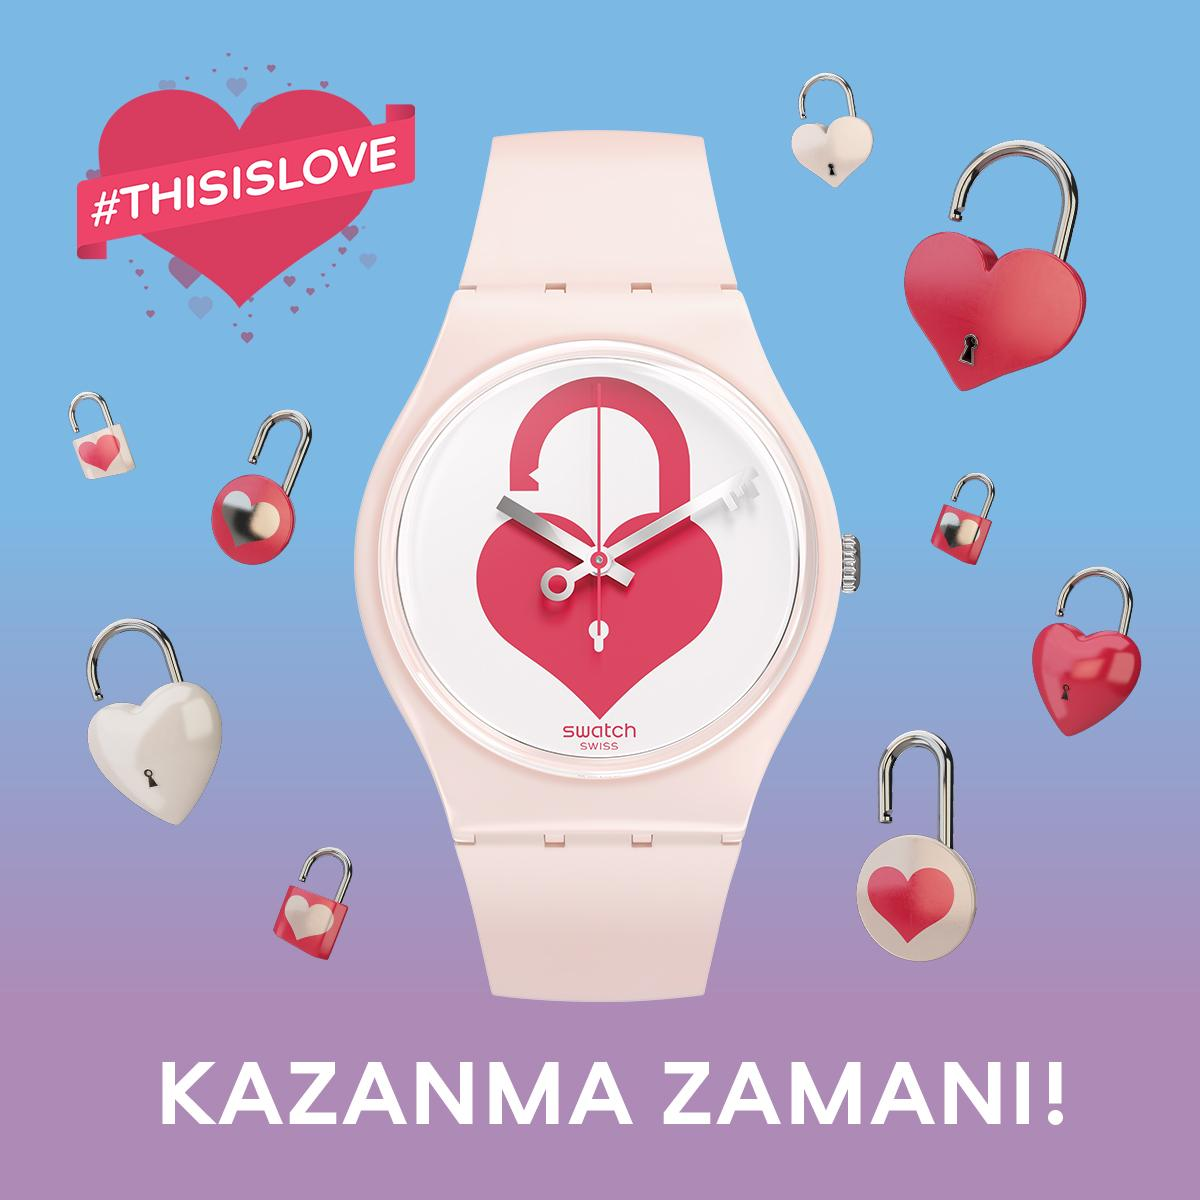 #ThisIsLove etiketiyle aşkı tarif et, UNLOCK MY HEART(GZ292) saati kazanma şansını yakala! http://t.co/8yRruz35Ud http://t.co/ccB8F8CbsS